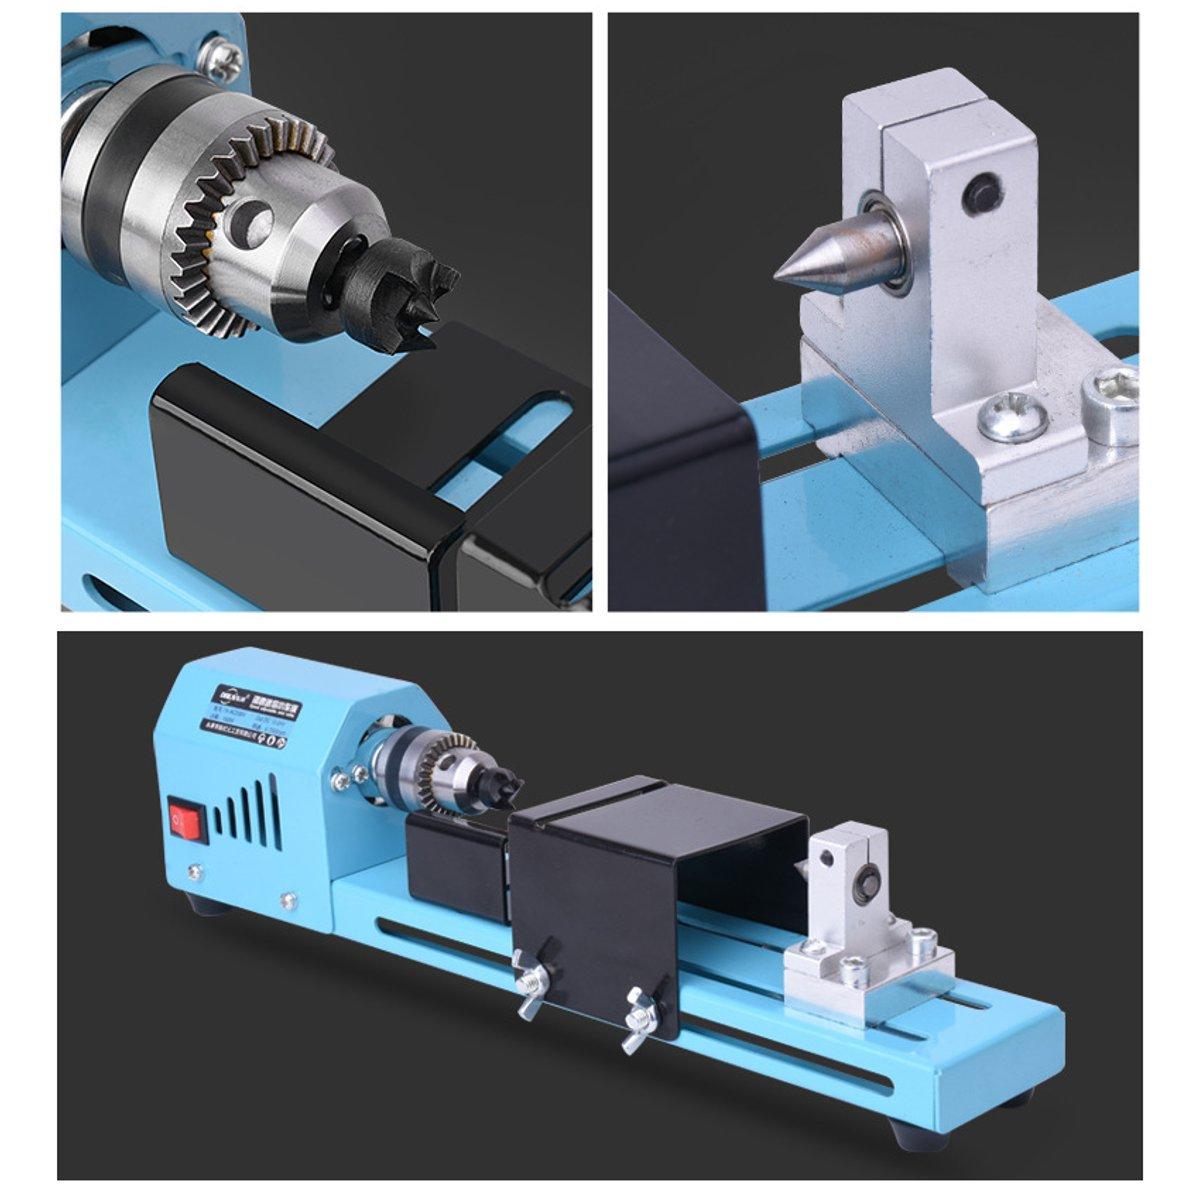 150W Mini tour Machine outil bricolage travail du bois tour fraiseuse meulage perles de polissage perceuse outil rotatif - 5